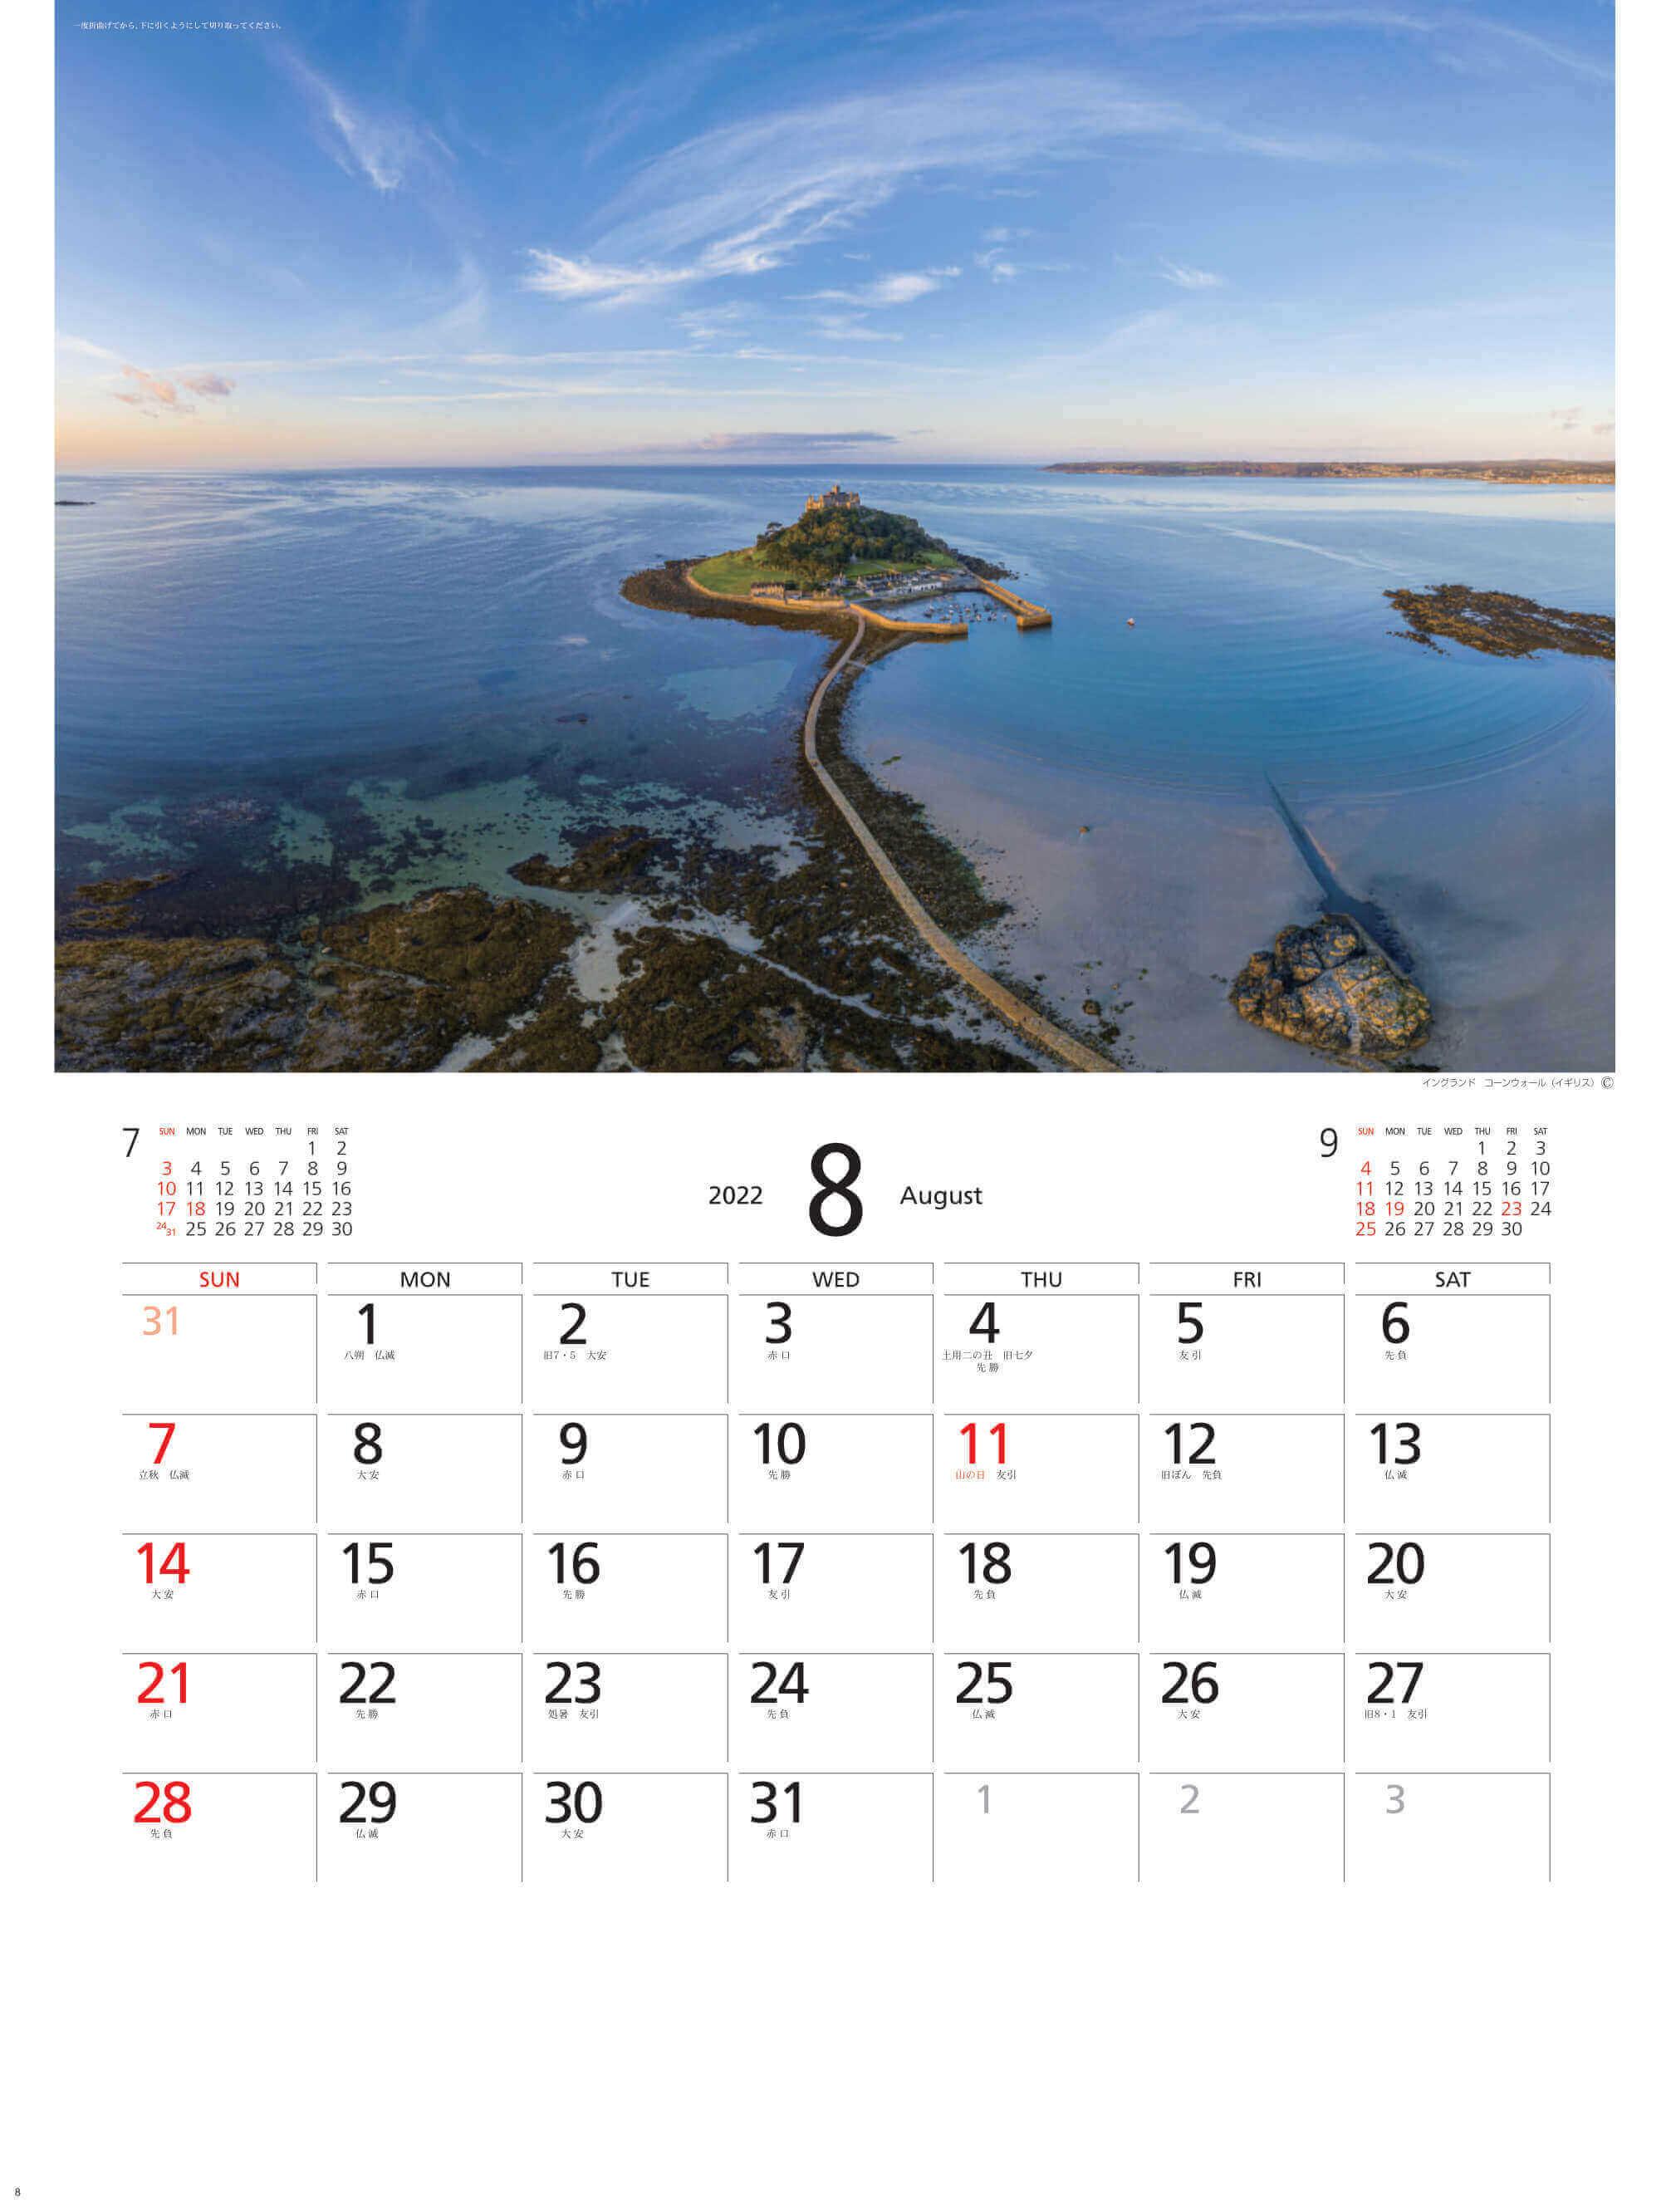 8月 イングランド コーンウォール イギリス スカイジャーニー 2022年カレンダーの画像